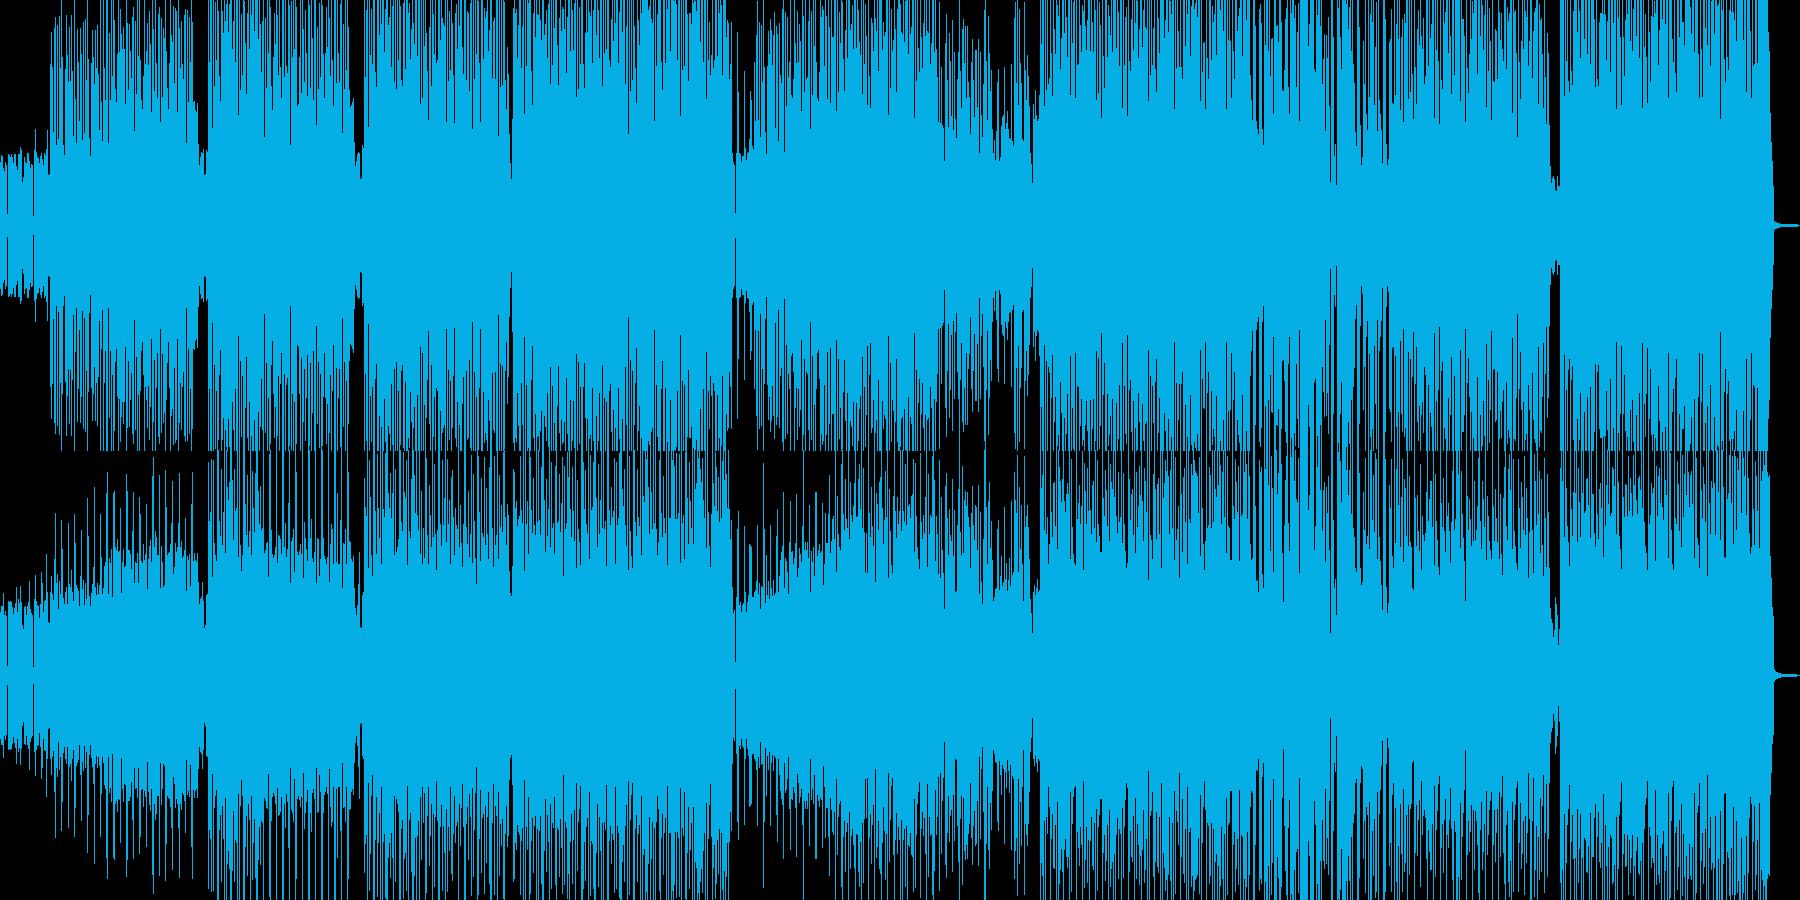 ファンキーでダチ公イメージのヒップホップの再生済みの波形